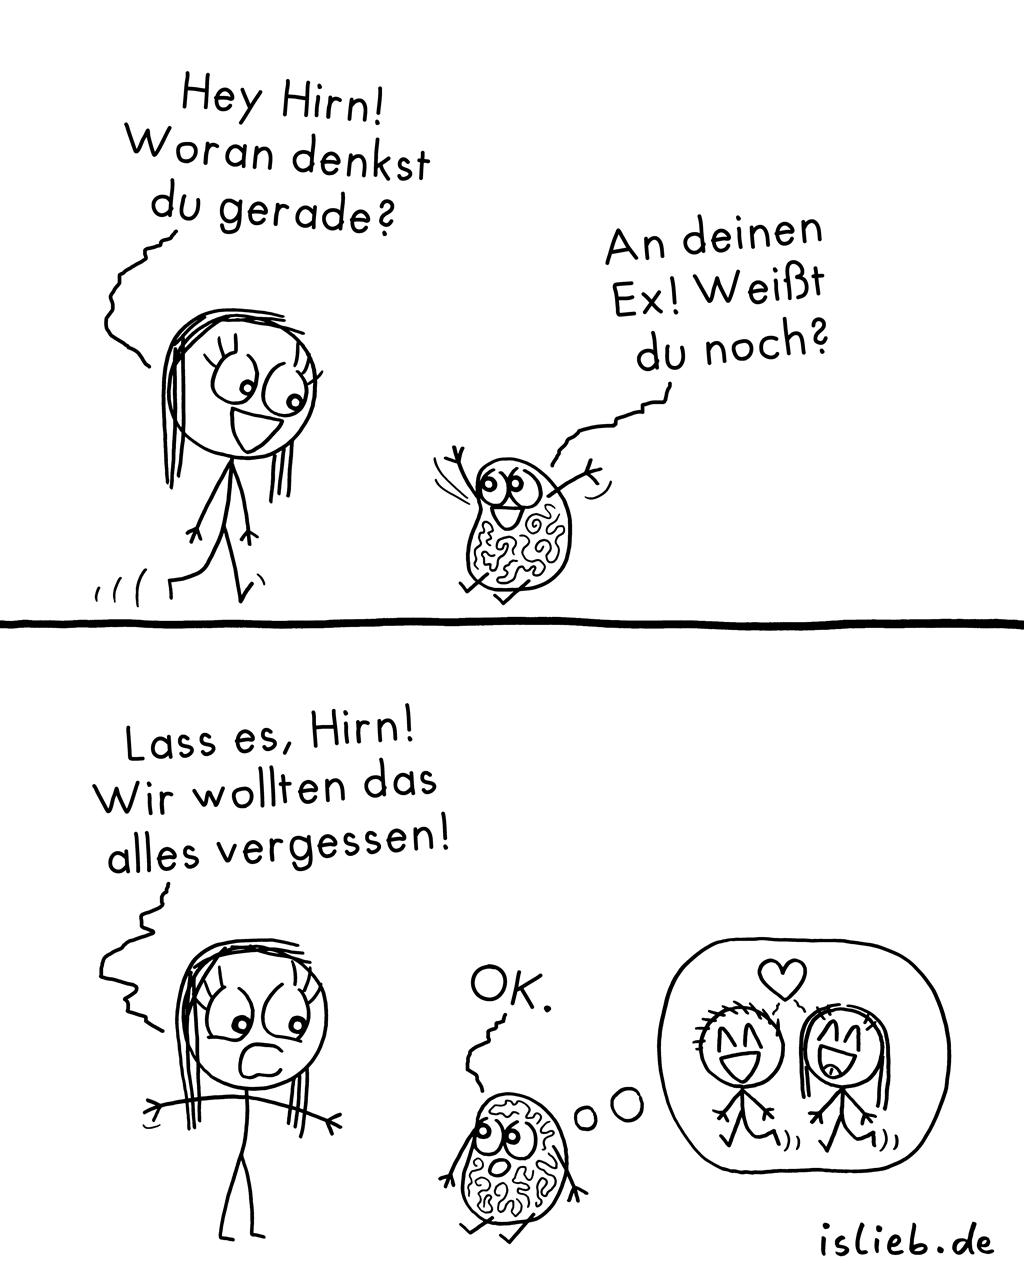 Vergessen | Erinnerungs-Comic | is lieb?